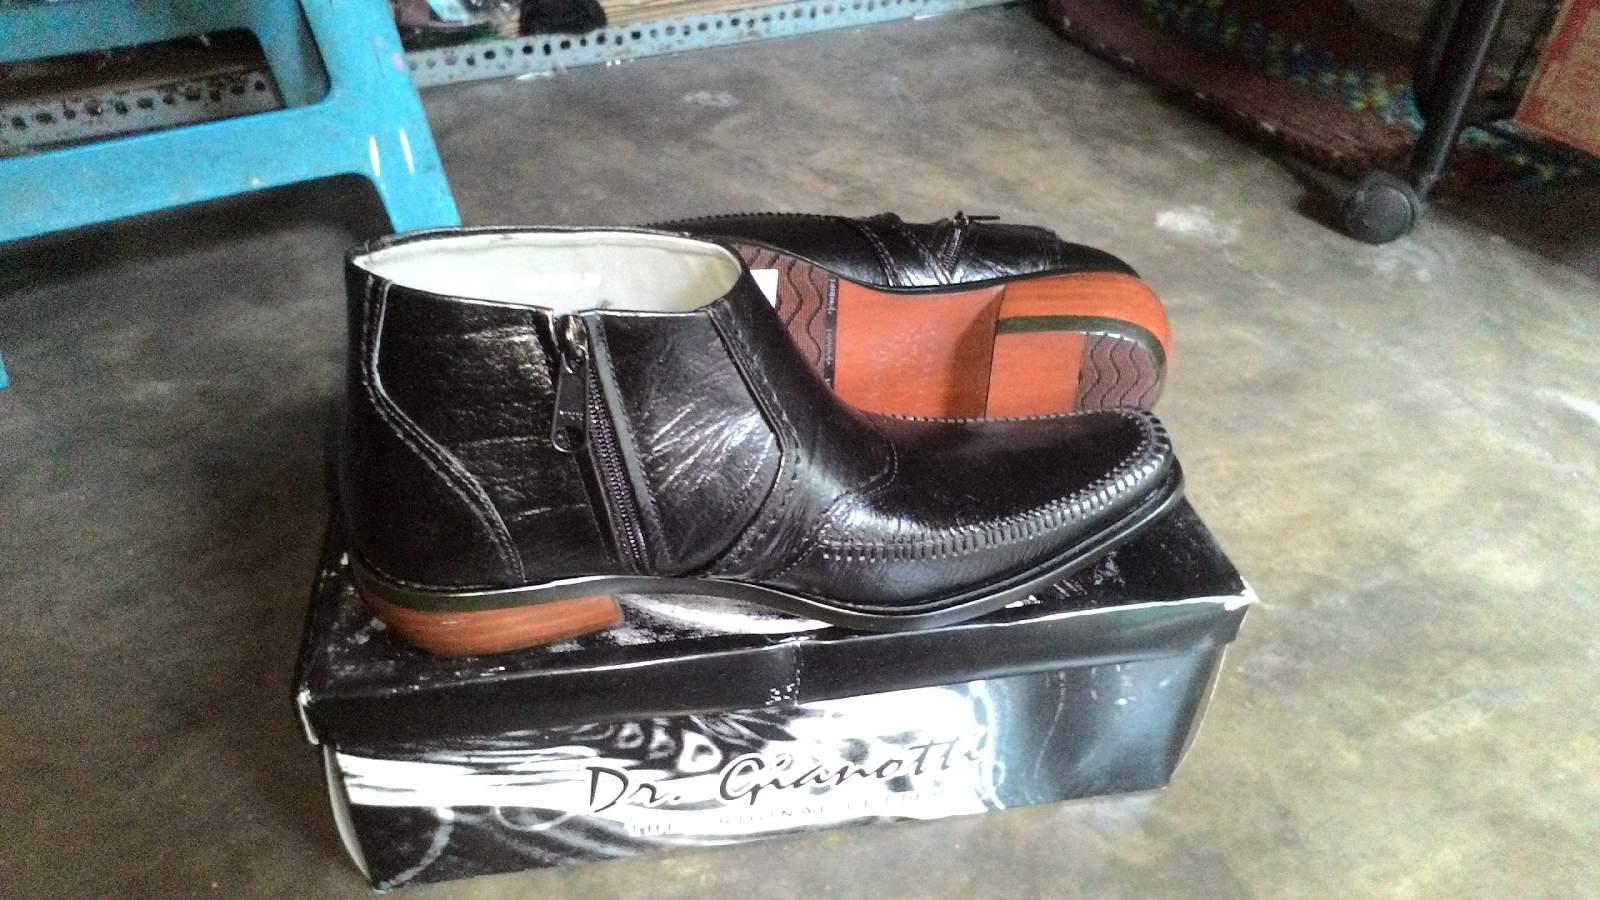 Jual Sepatu Kulit Pria Dr Gianotti Terbaru Tokopedia Rc137